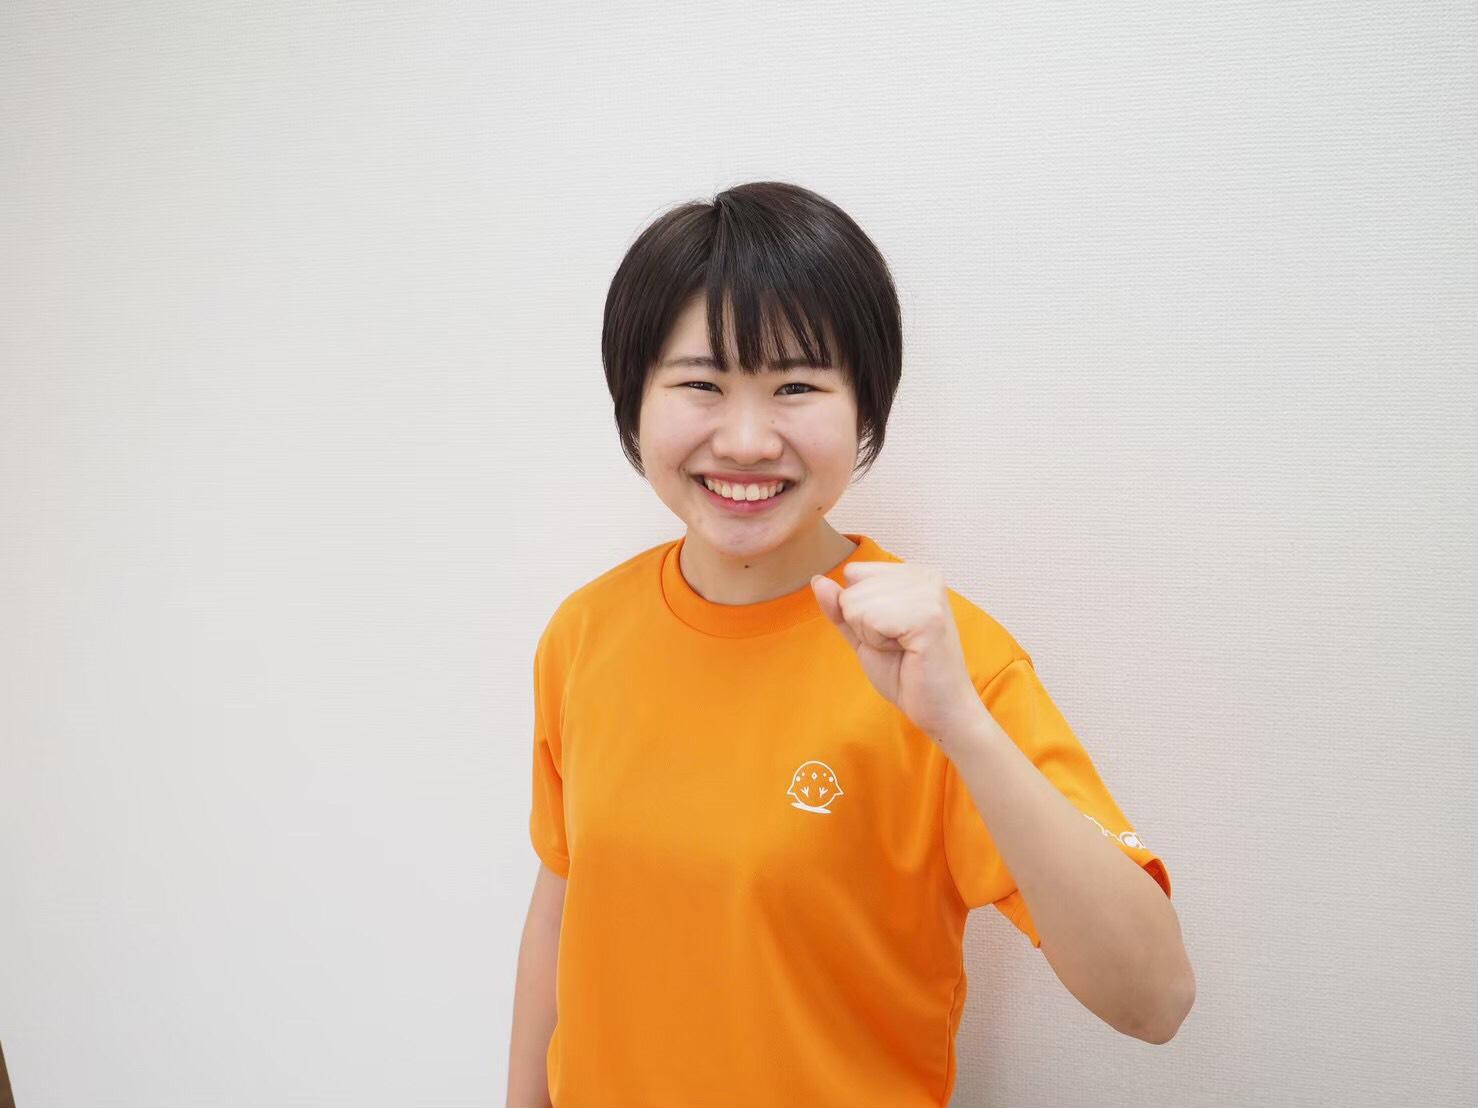 【姿勢改善・肩こり腰痛改善の為の体幹トレーニング体験会】